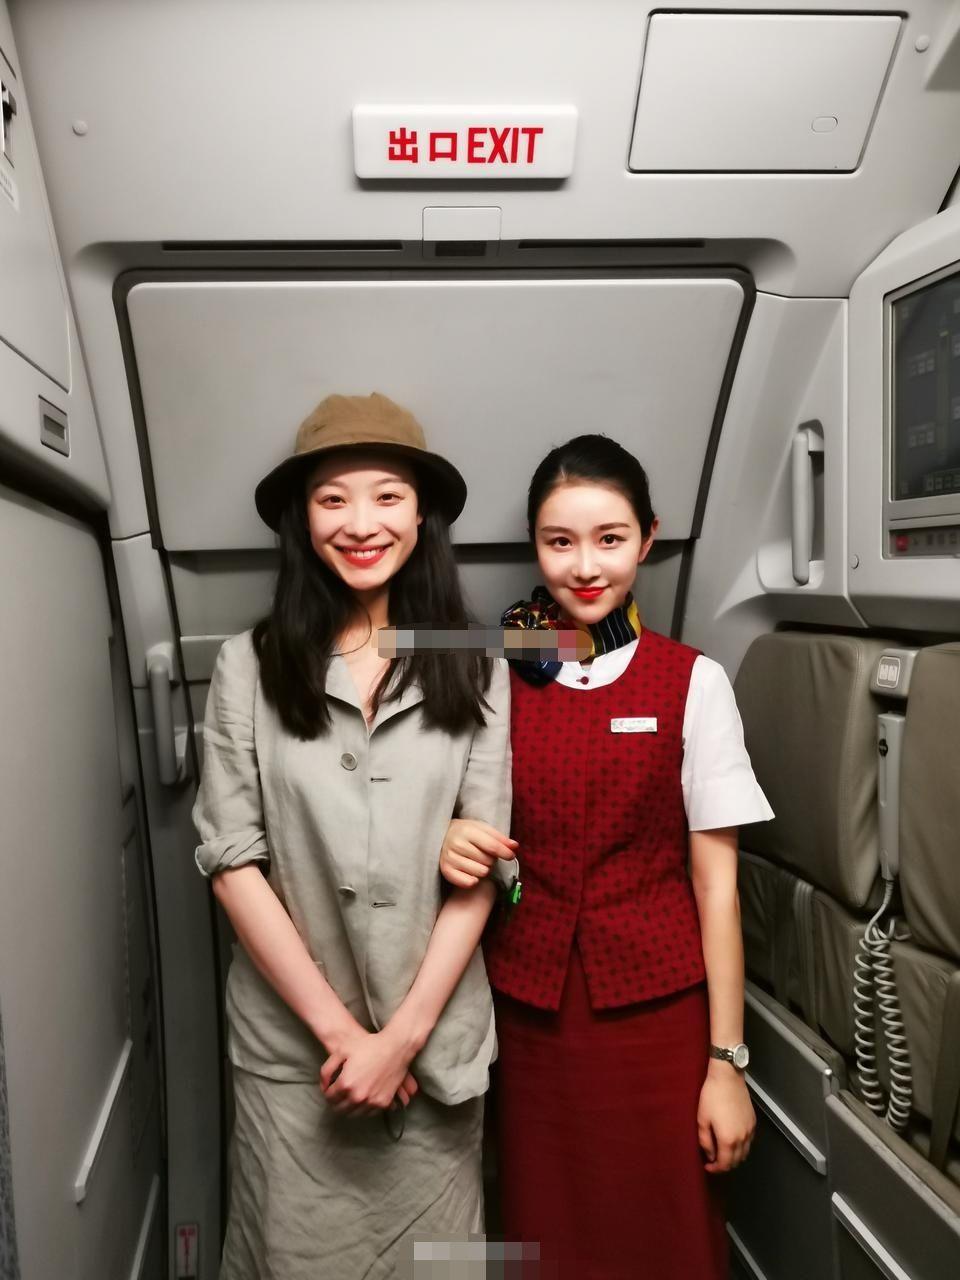 倪妮合影同名空姐超有缘,倪妮五官更大气,空姐甜美可爱也不差!